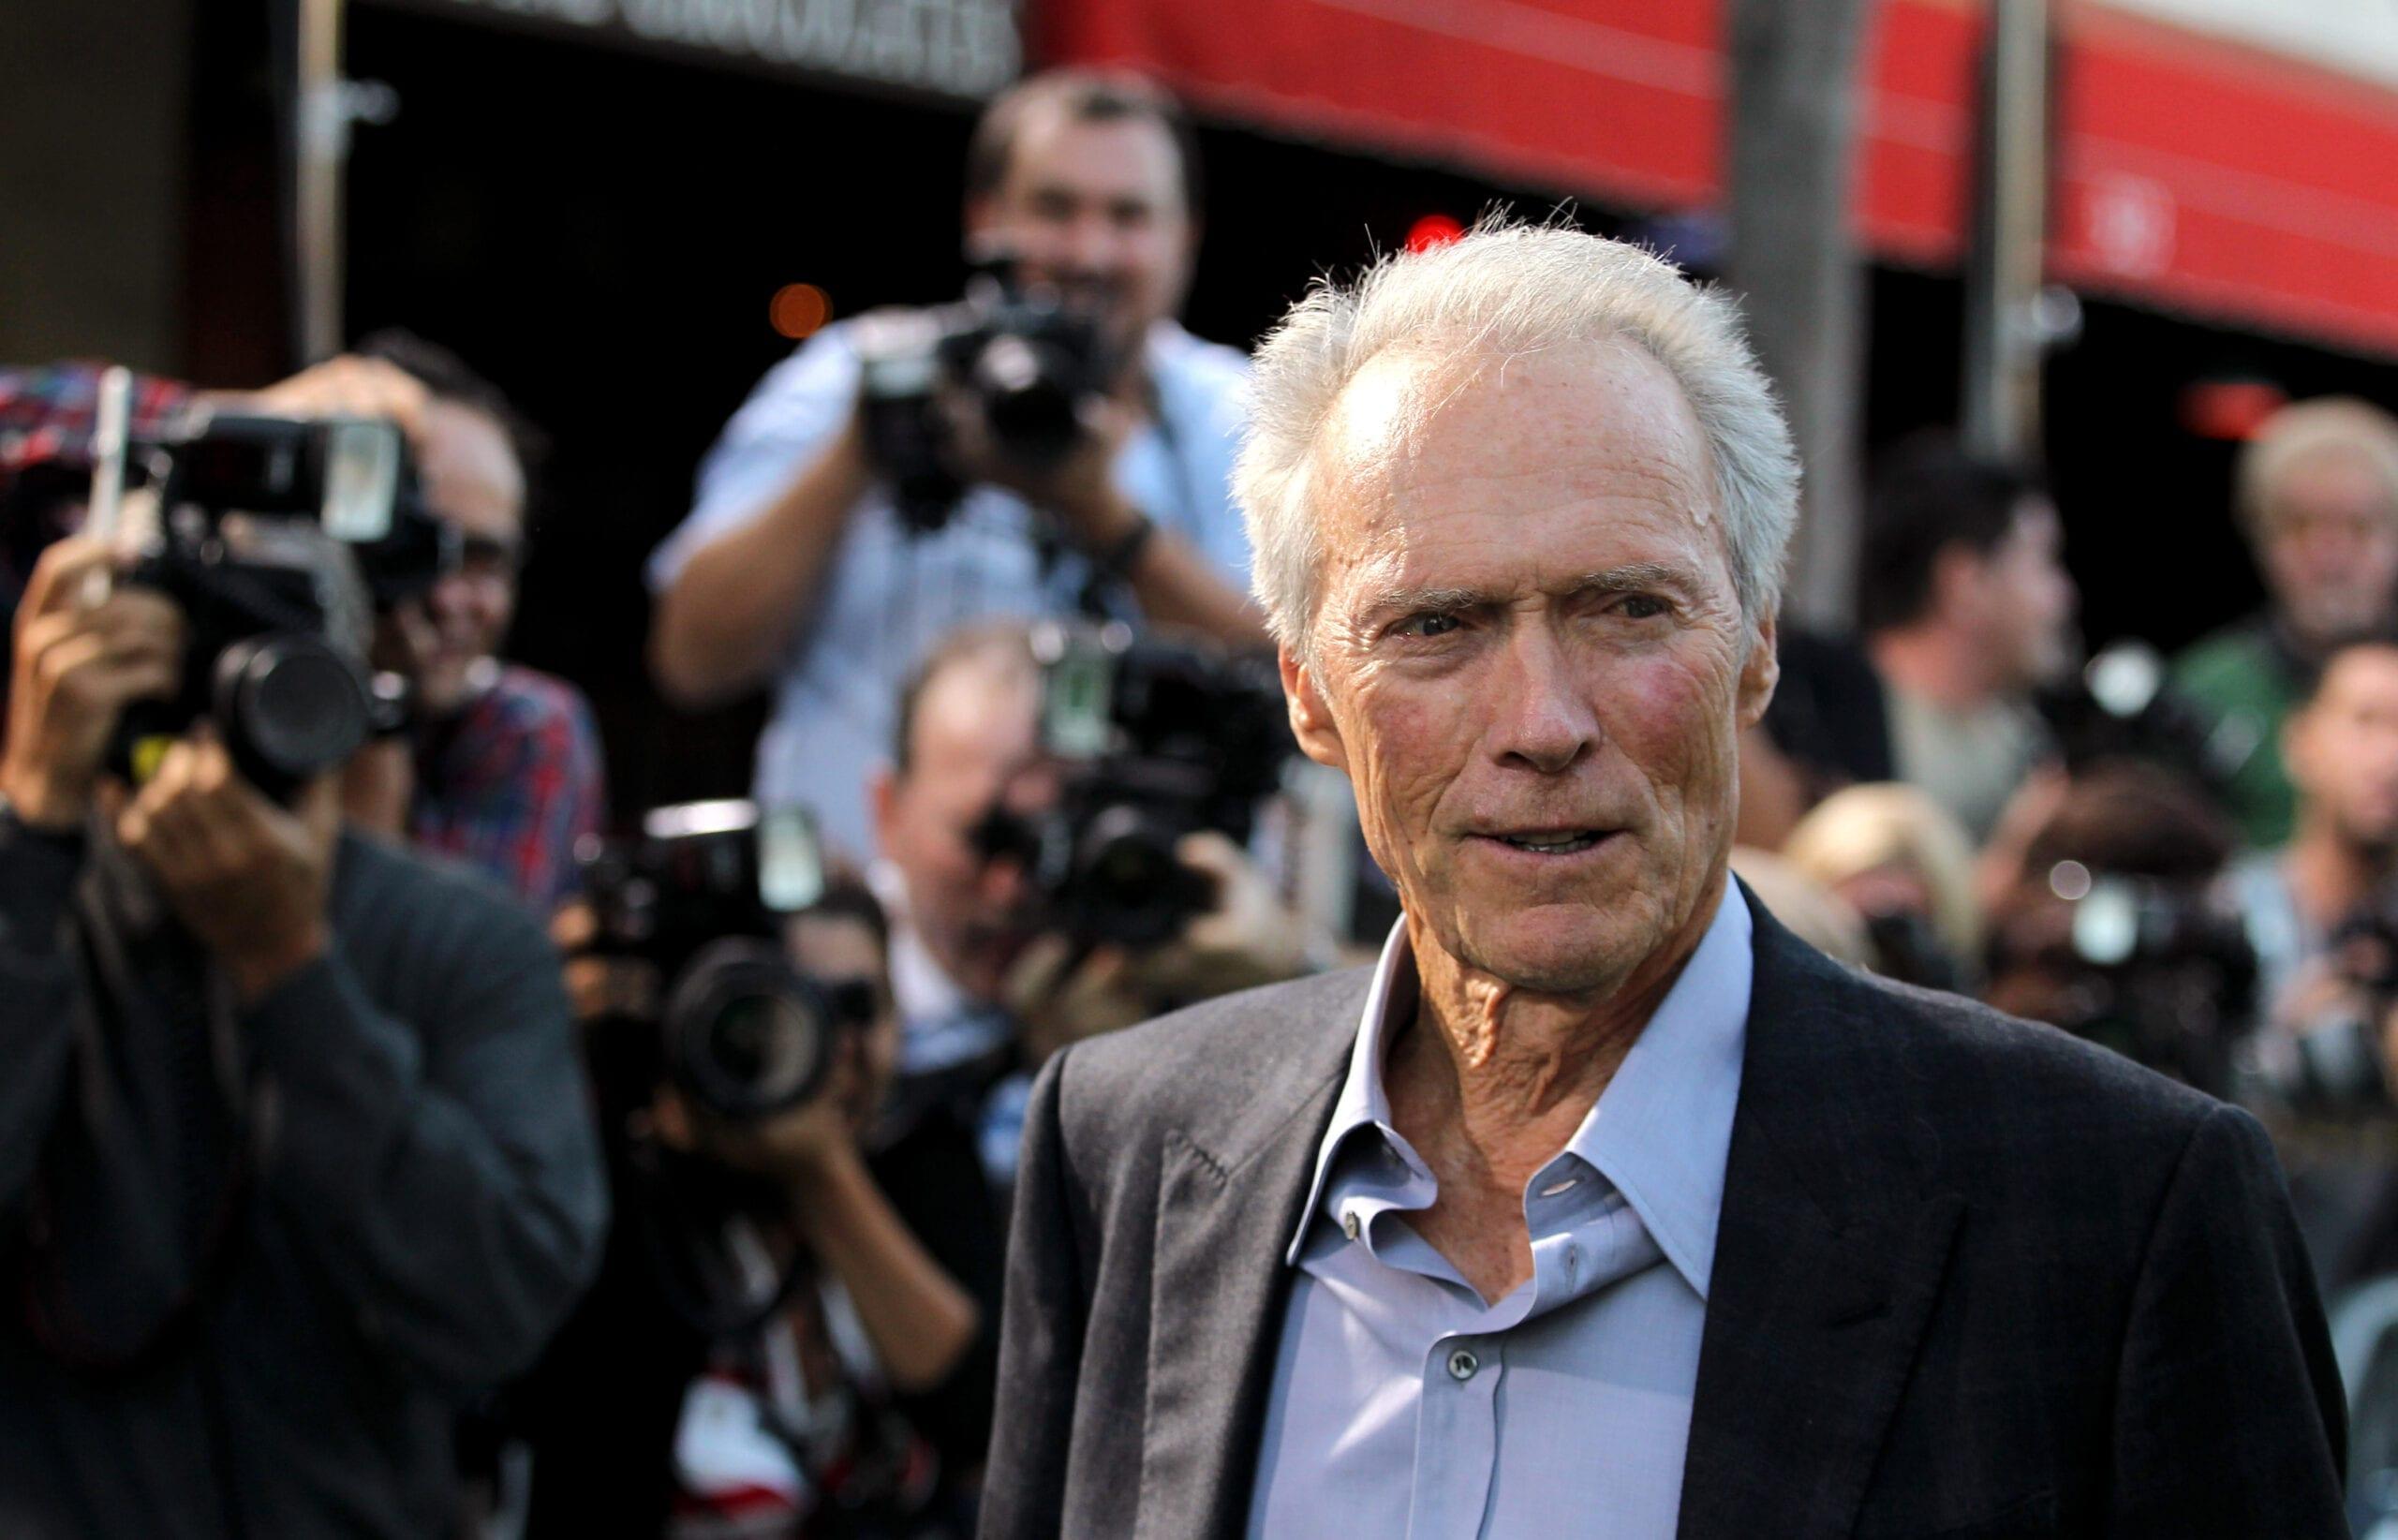 Клинт Иствуд выпустит новый фильм ссобой вглавной роли